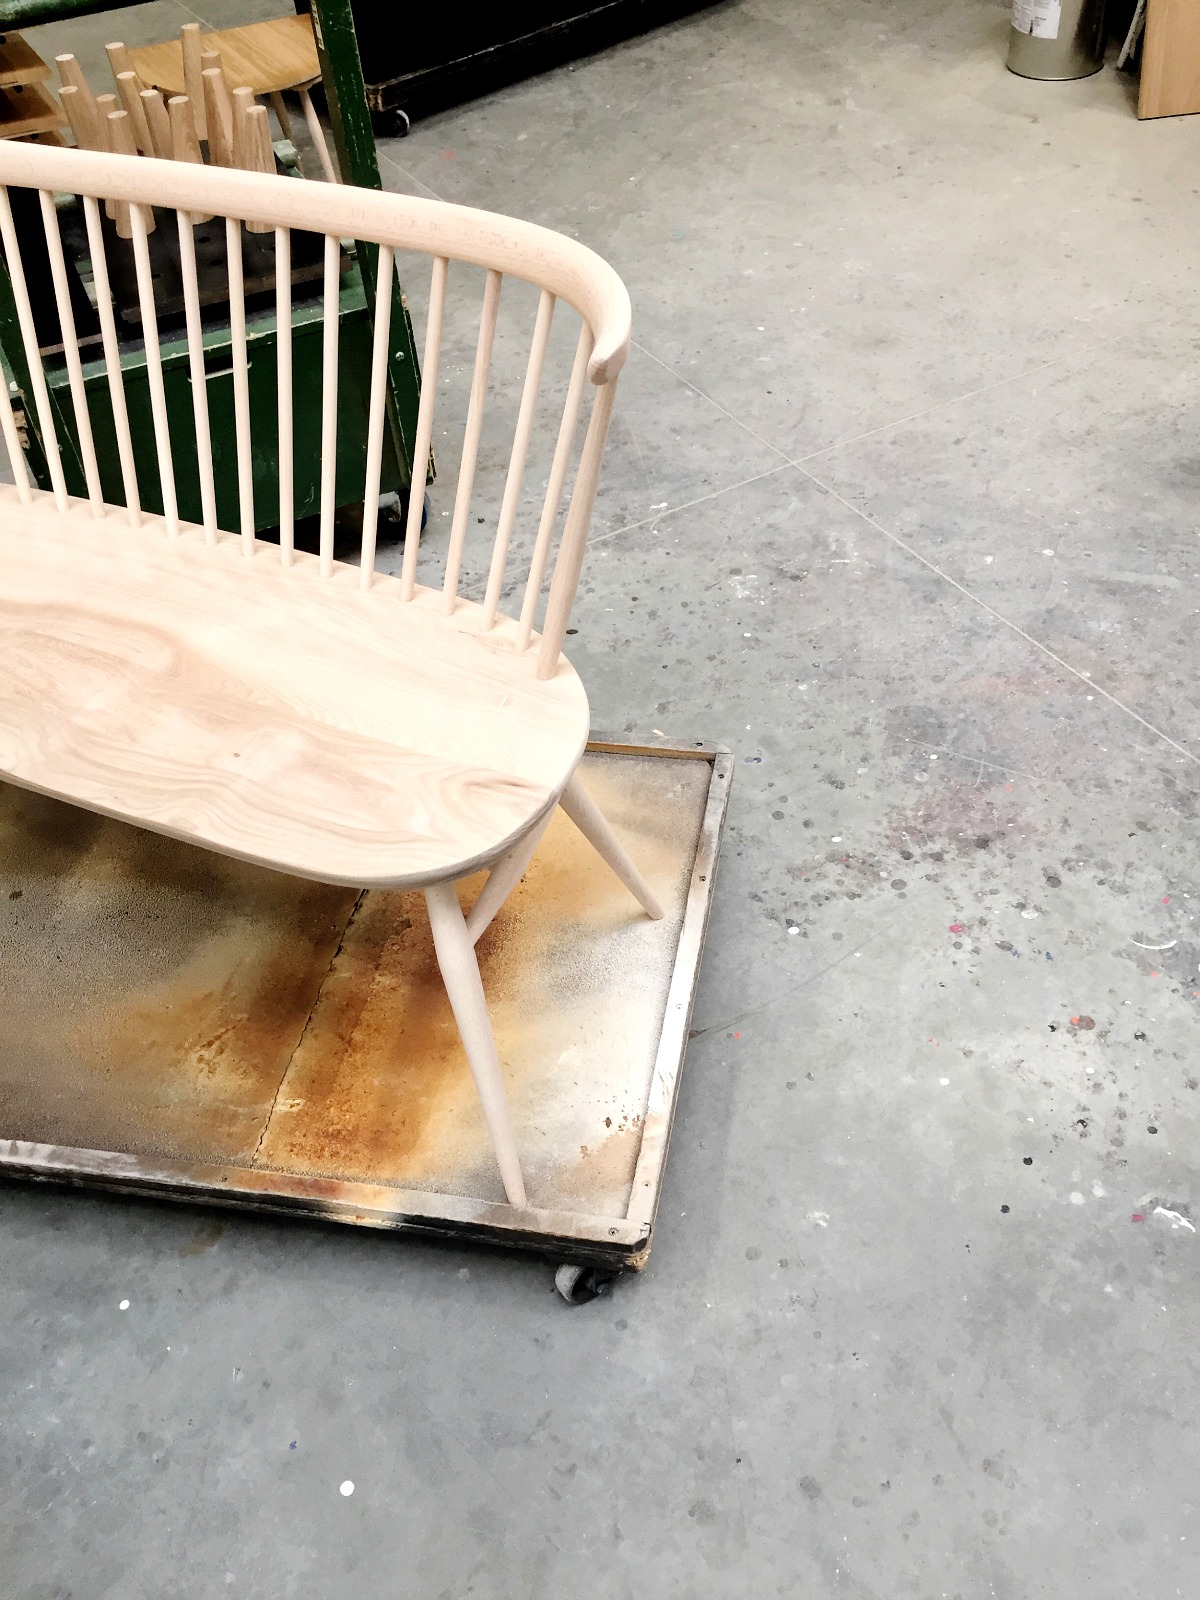 ercol, ercol furniture, ercol chair, ercol factory outlet, modernism, modern design, modern era, modern design, modern interior design